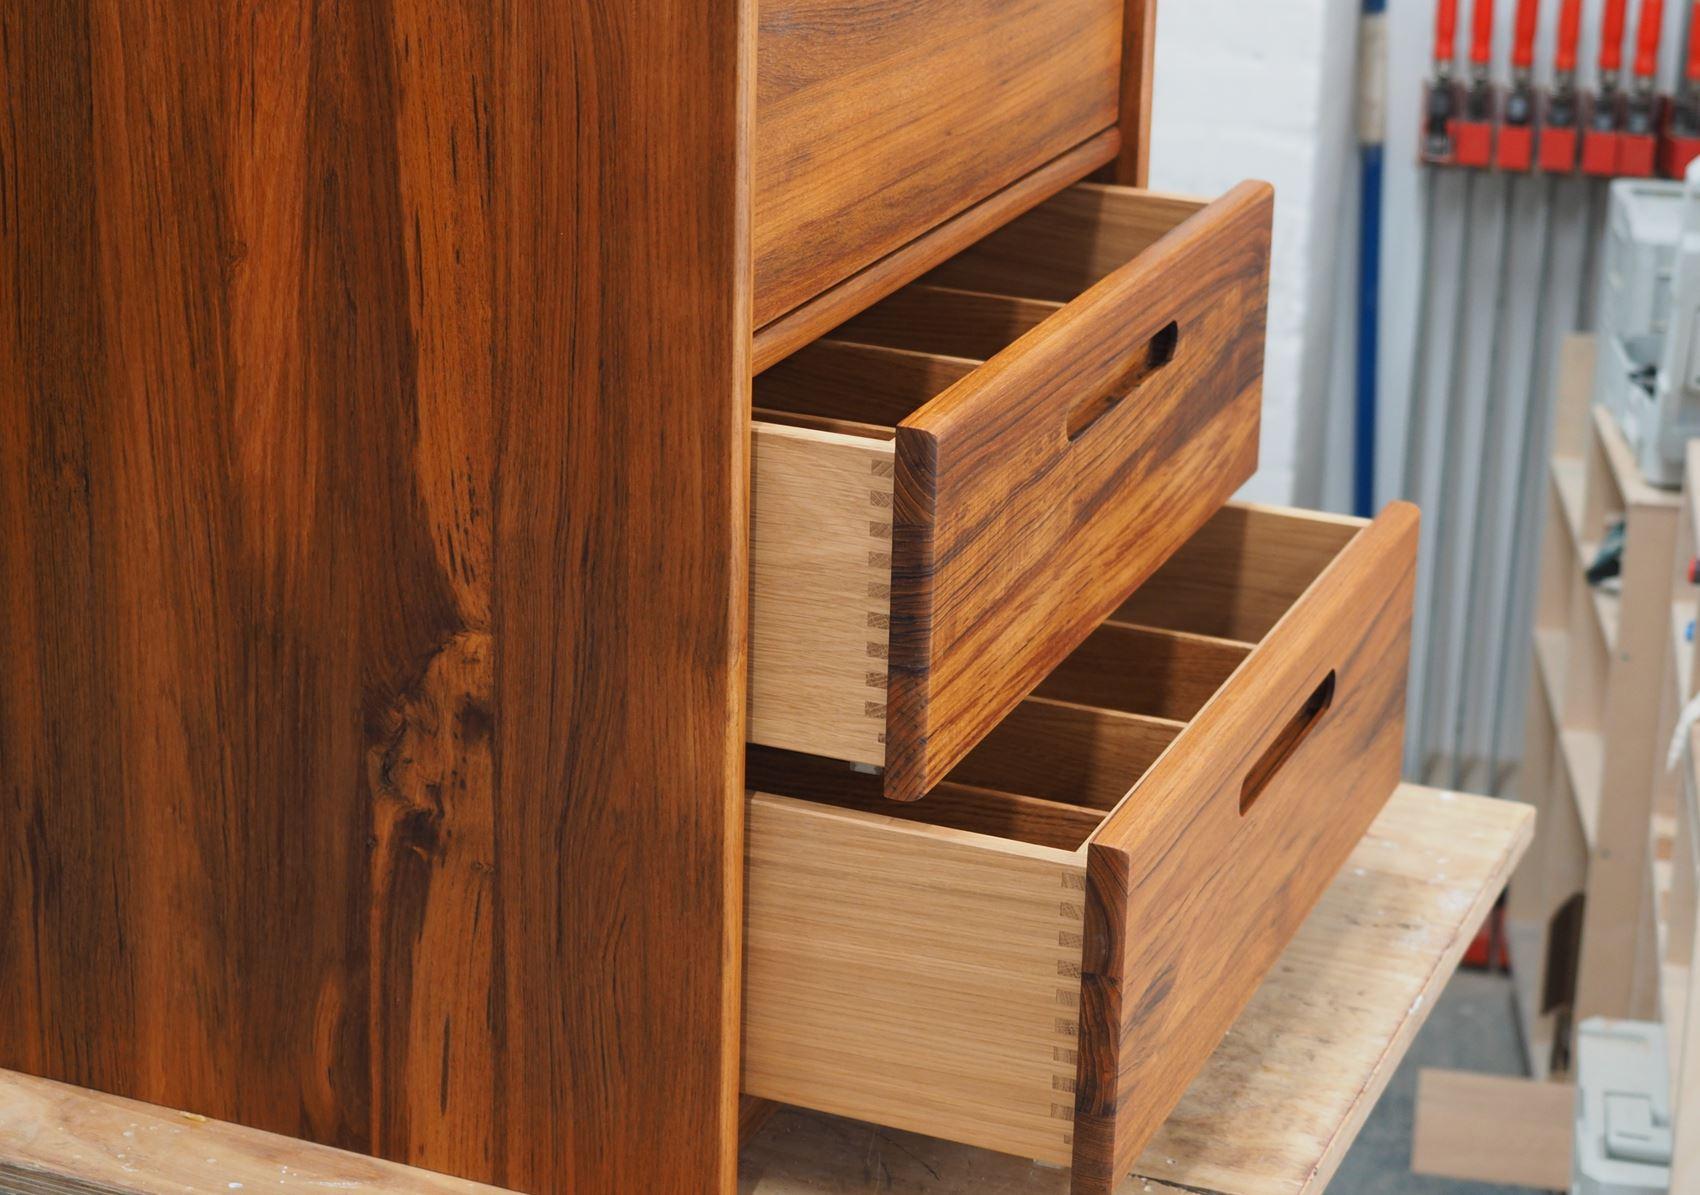 Sideboard mit gezinkten Schubladen vom Tischler in Hamburg – ©HAMBURGERmöbel